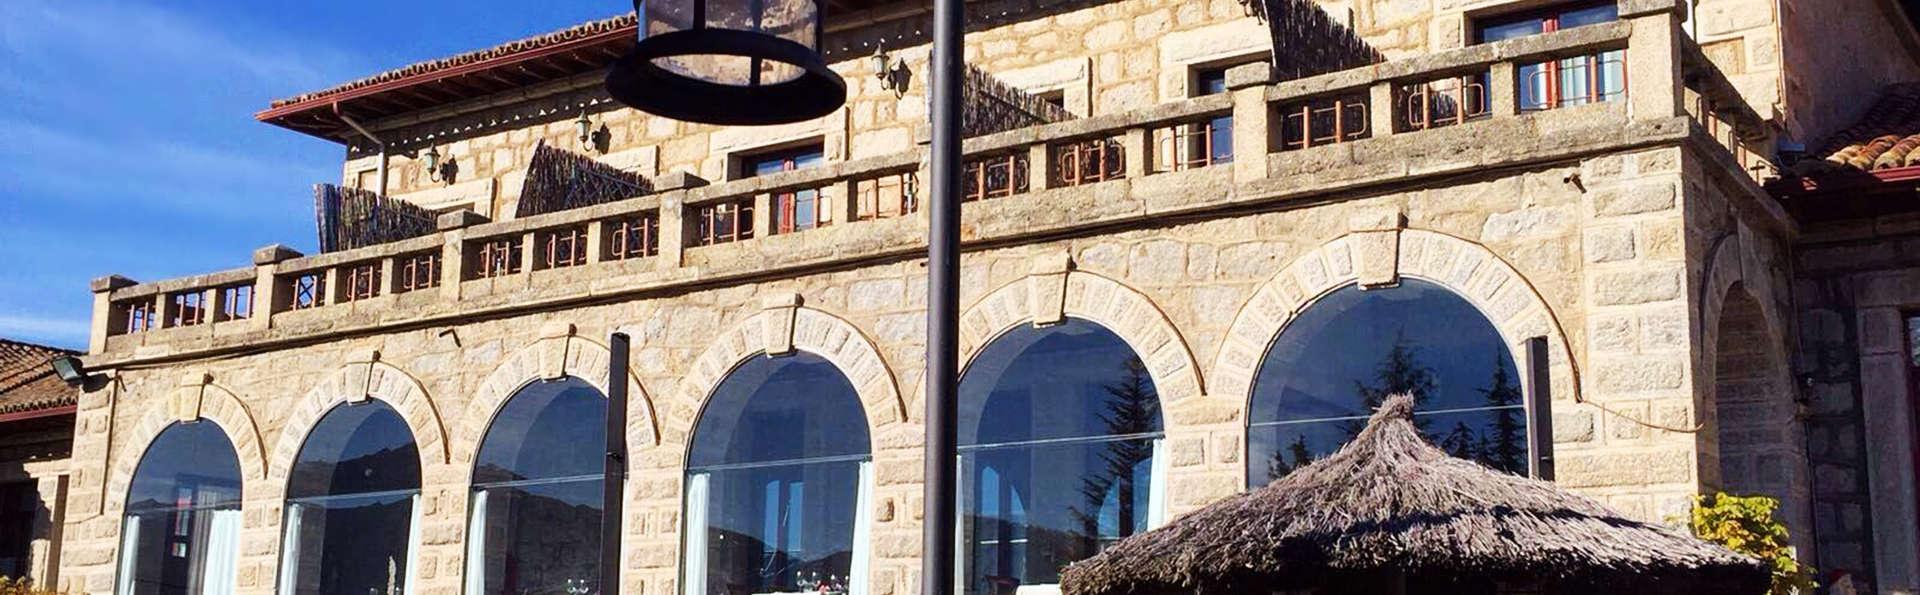 Posada Real Restaurante El Linar del Zaire - EDIT_front.jpg